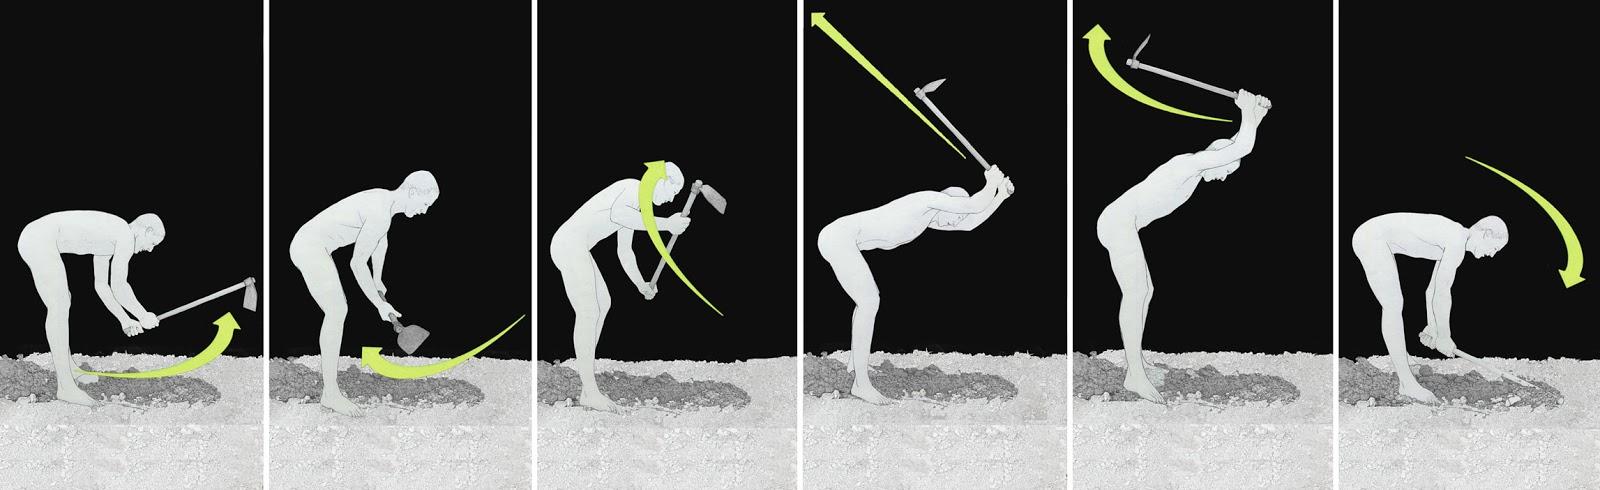 cavar, secuencia, accion